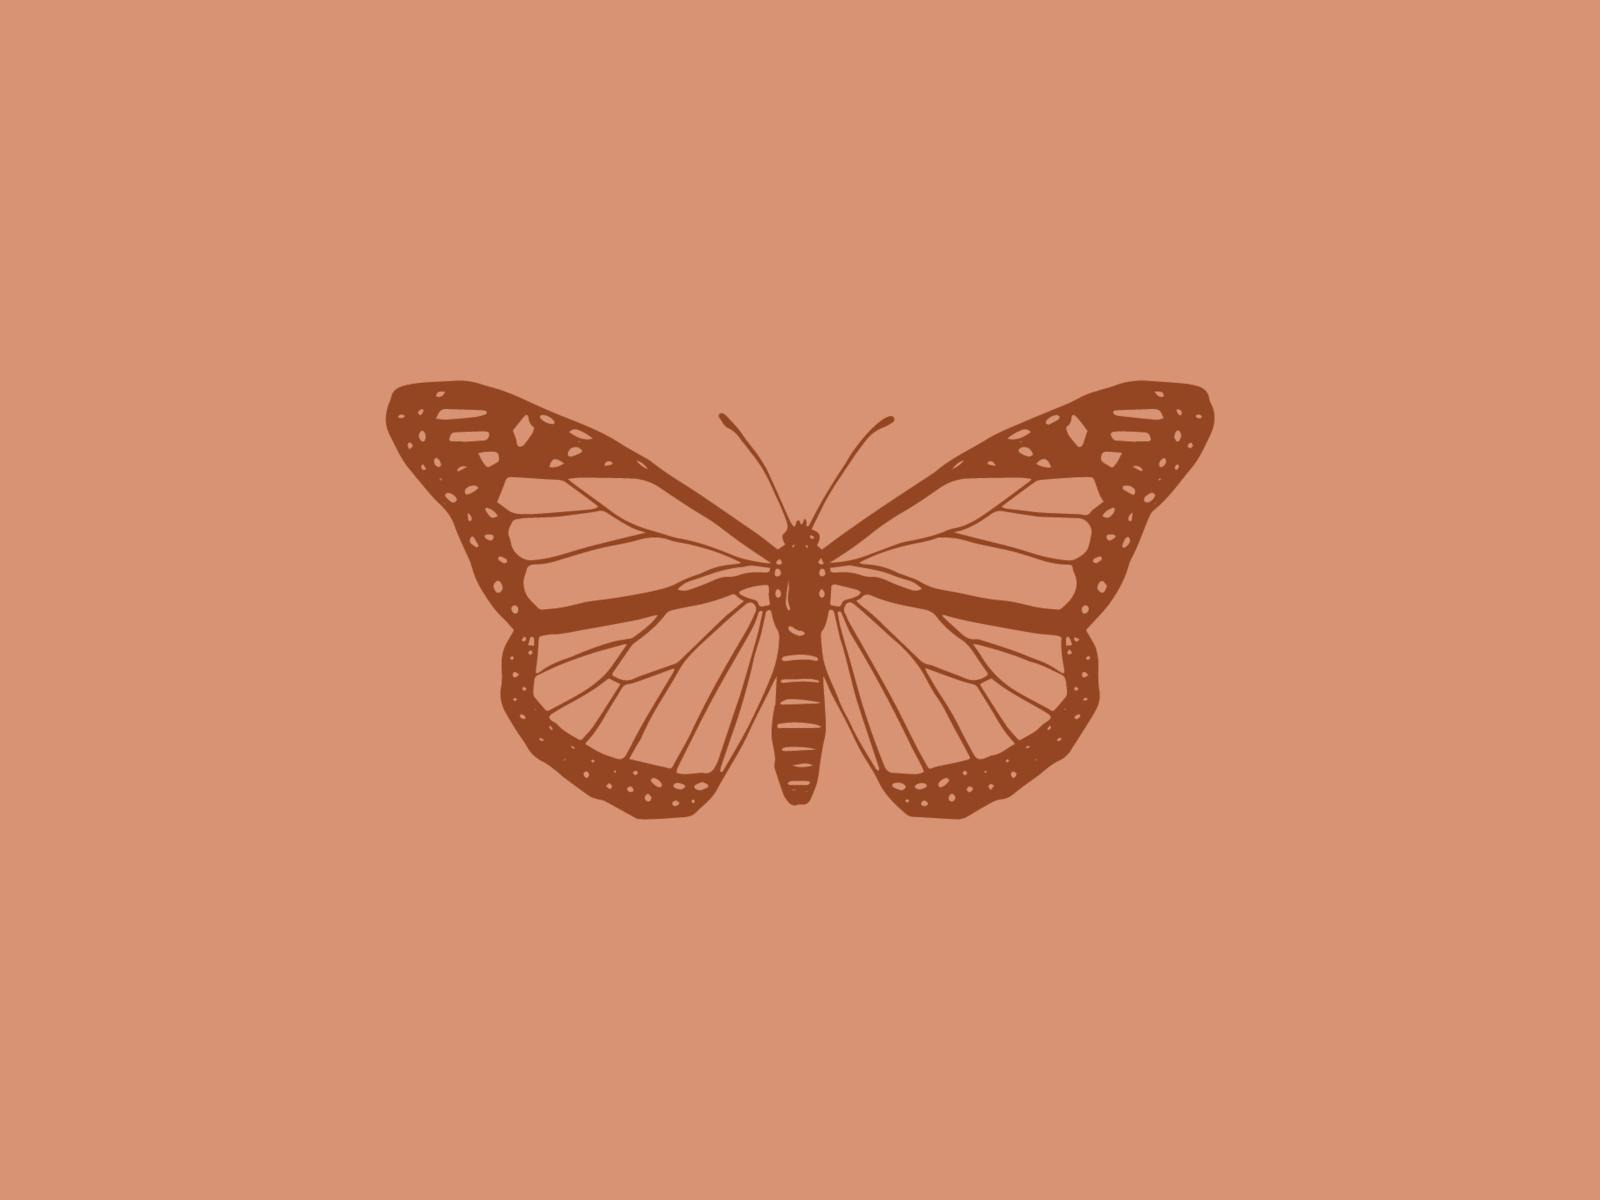 Biểu tượng con bướm 1600x1200.  Hình minh họa bướm, Đồ họa bướm, Hình nền máy tính thẩm mỹ